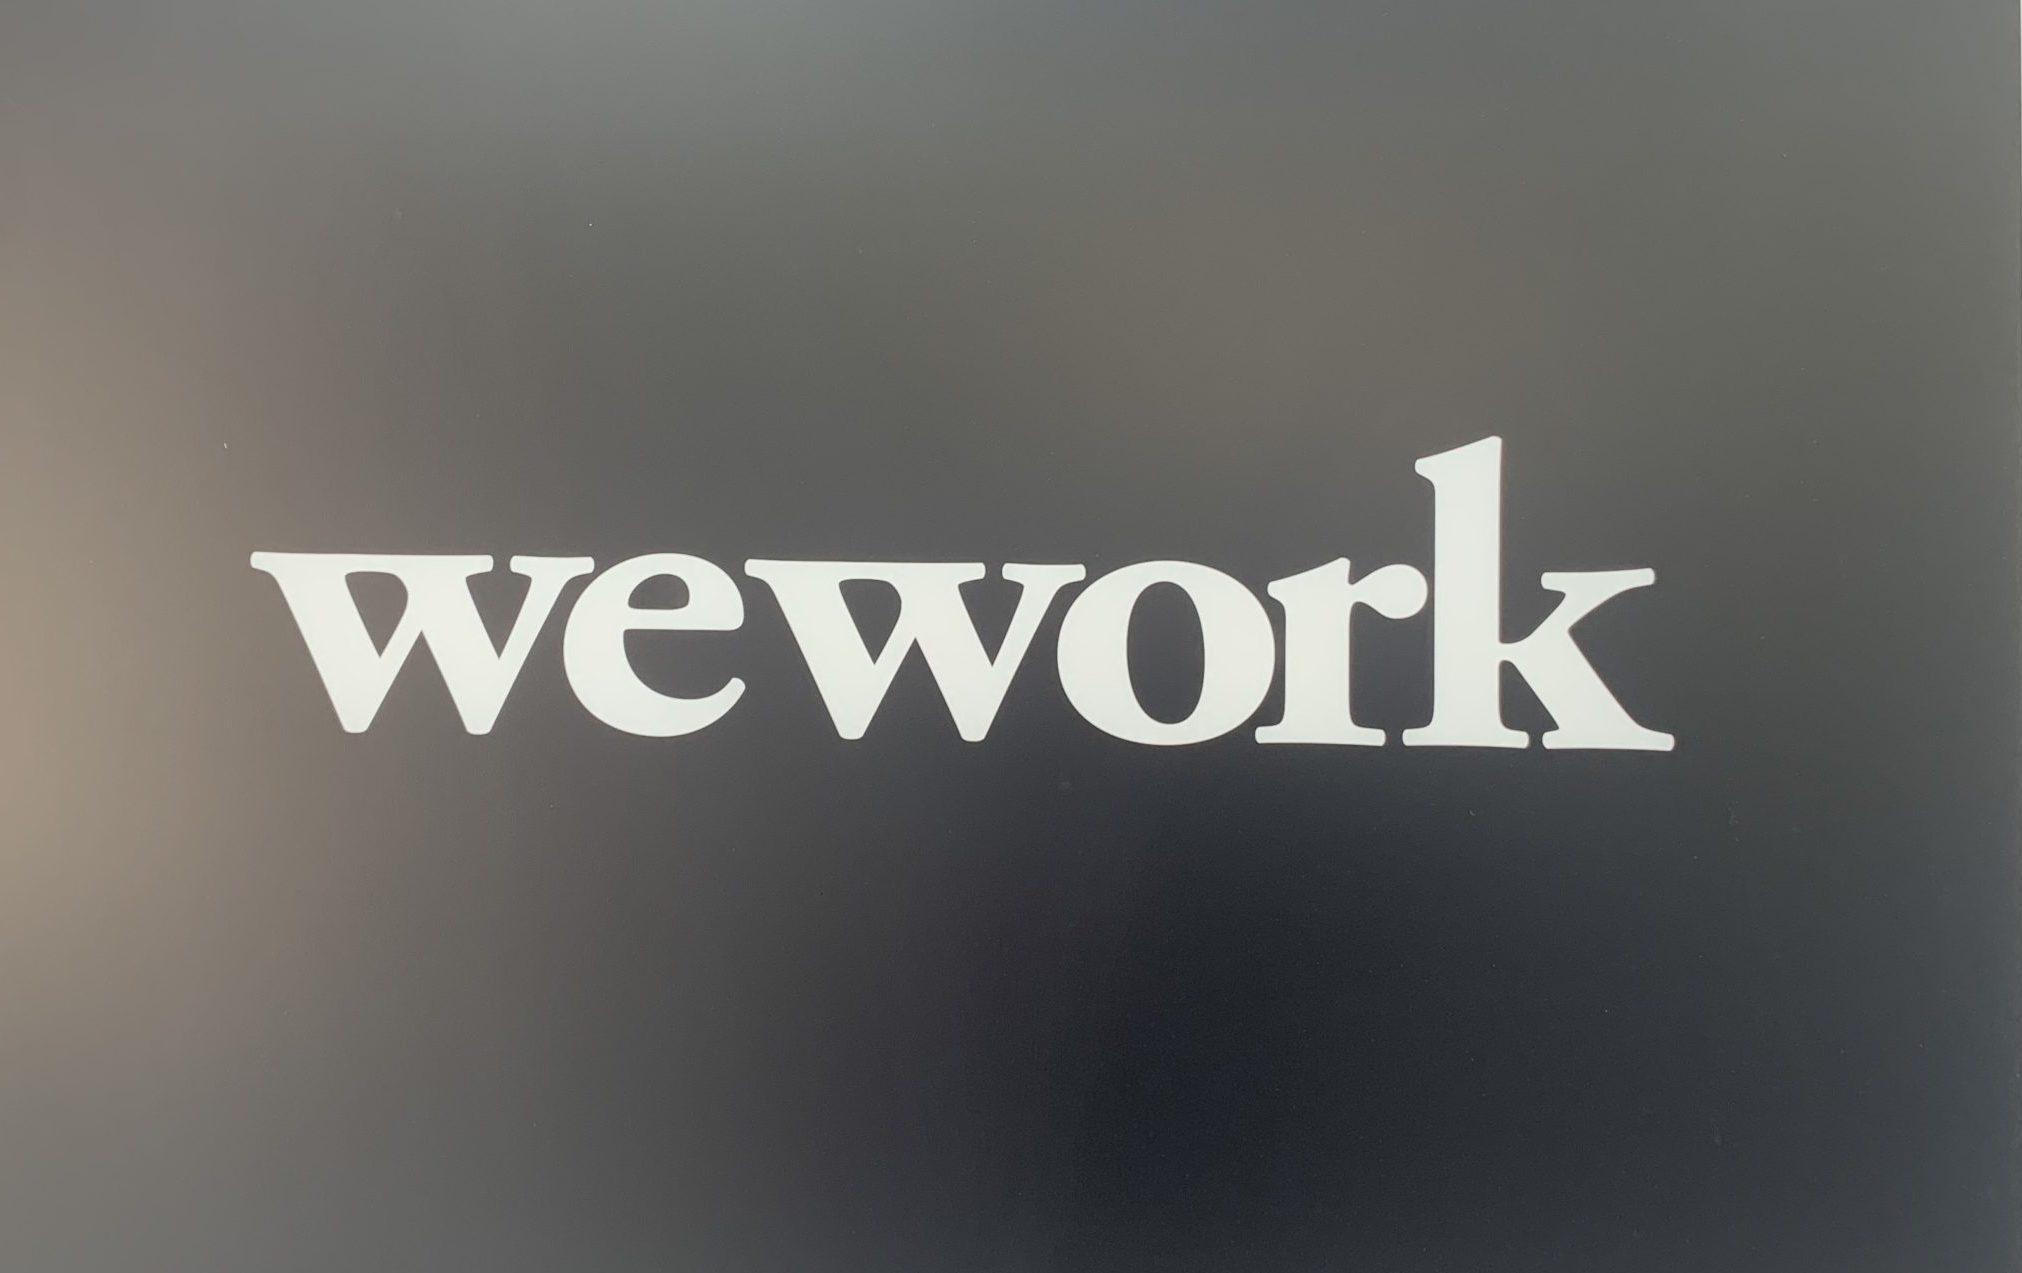 WeWorkのサービス・料金を体験して口コミ解説してみた